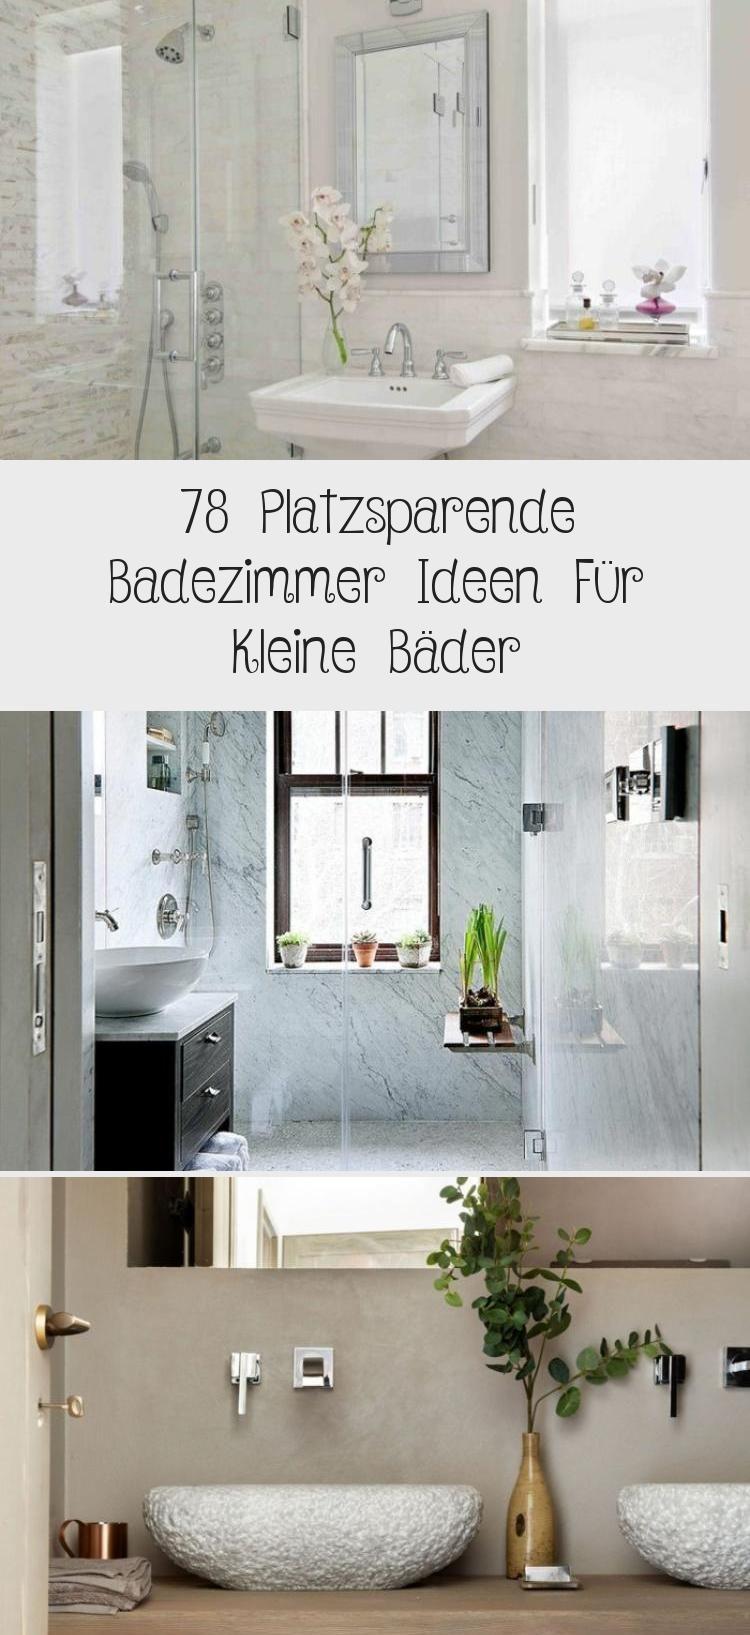 78 Platzsparende Badezimmer Ideen Fur Kleine Bader Badezimmer